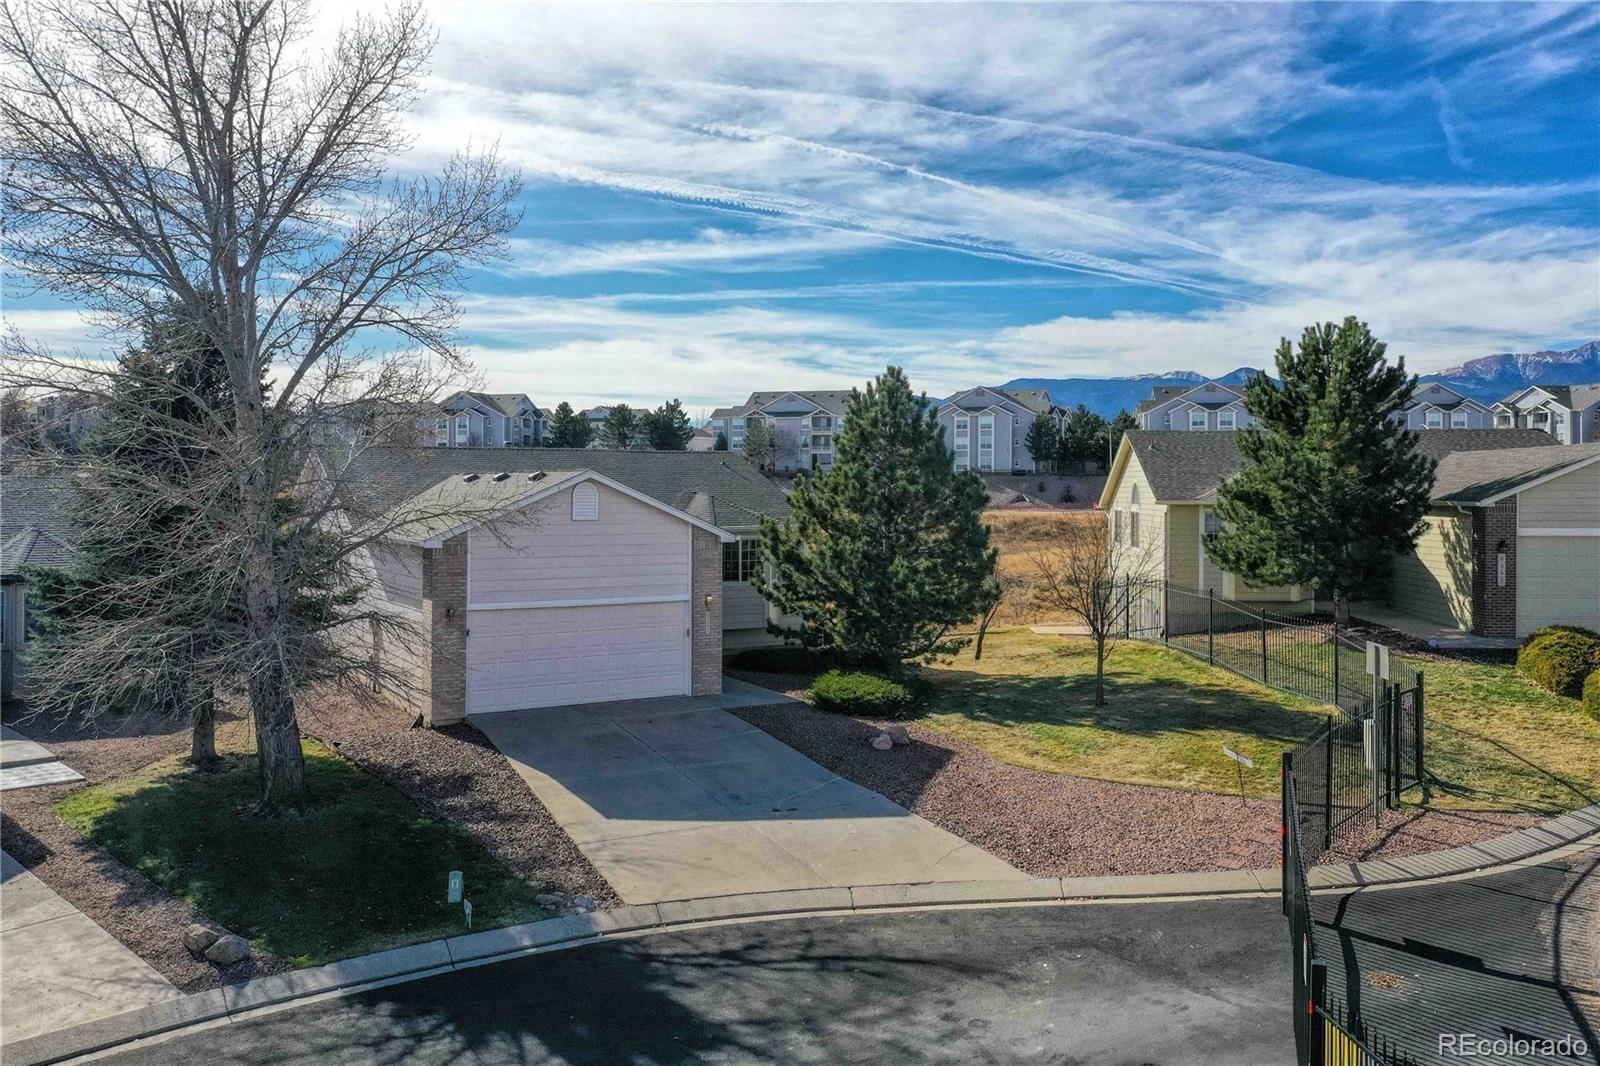 MLS# 5664422 - 2 - 6265 Retreat Point, Colorado Springs, CO 80919